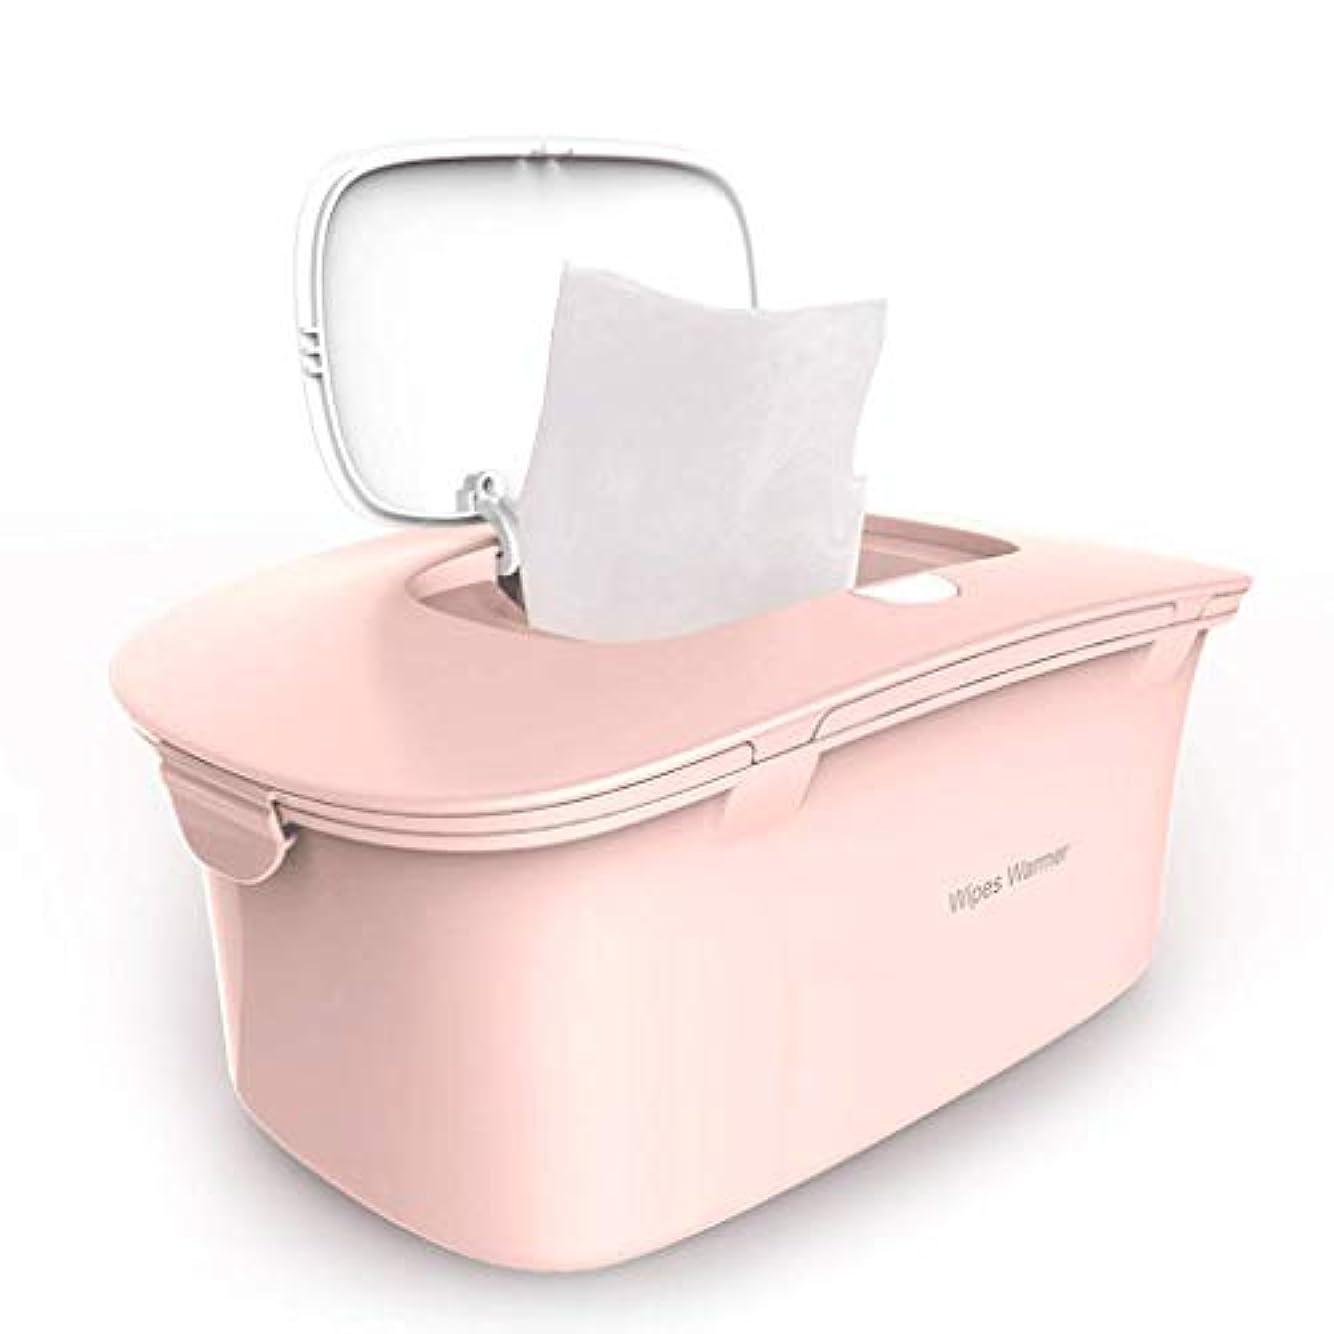 サミュエルそして概要赤ん坊のワイプヒーター/ワイプ箱のティッシュ箱の消毒、保湿の健康の便利冬の冷たいワイプについて心配する必要はありません,Pink